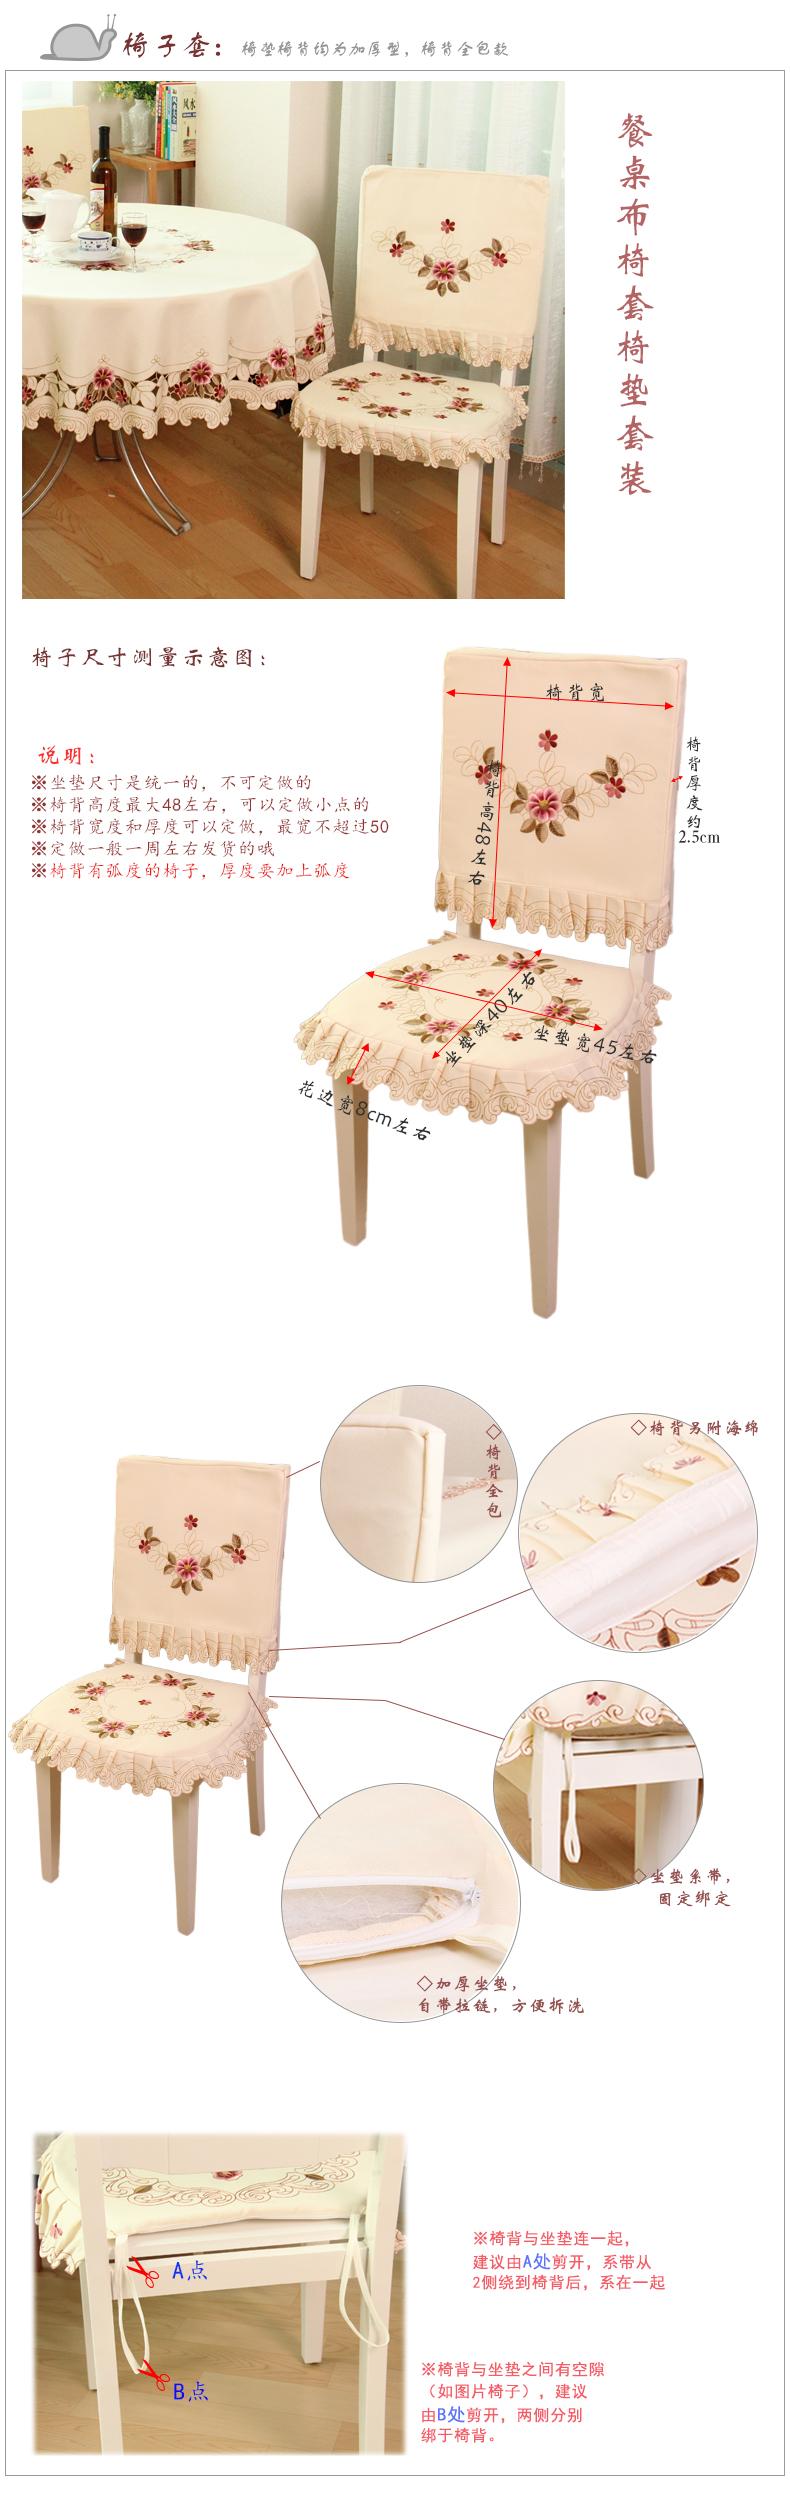 ⑥TY218 jardín europeo mantel bordado mesa de comedor redonda paño ...